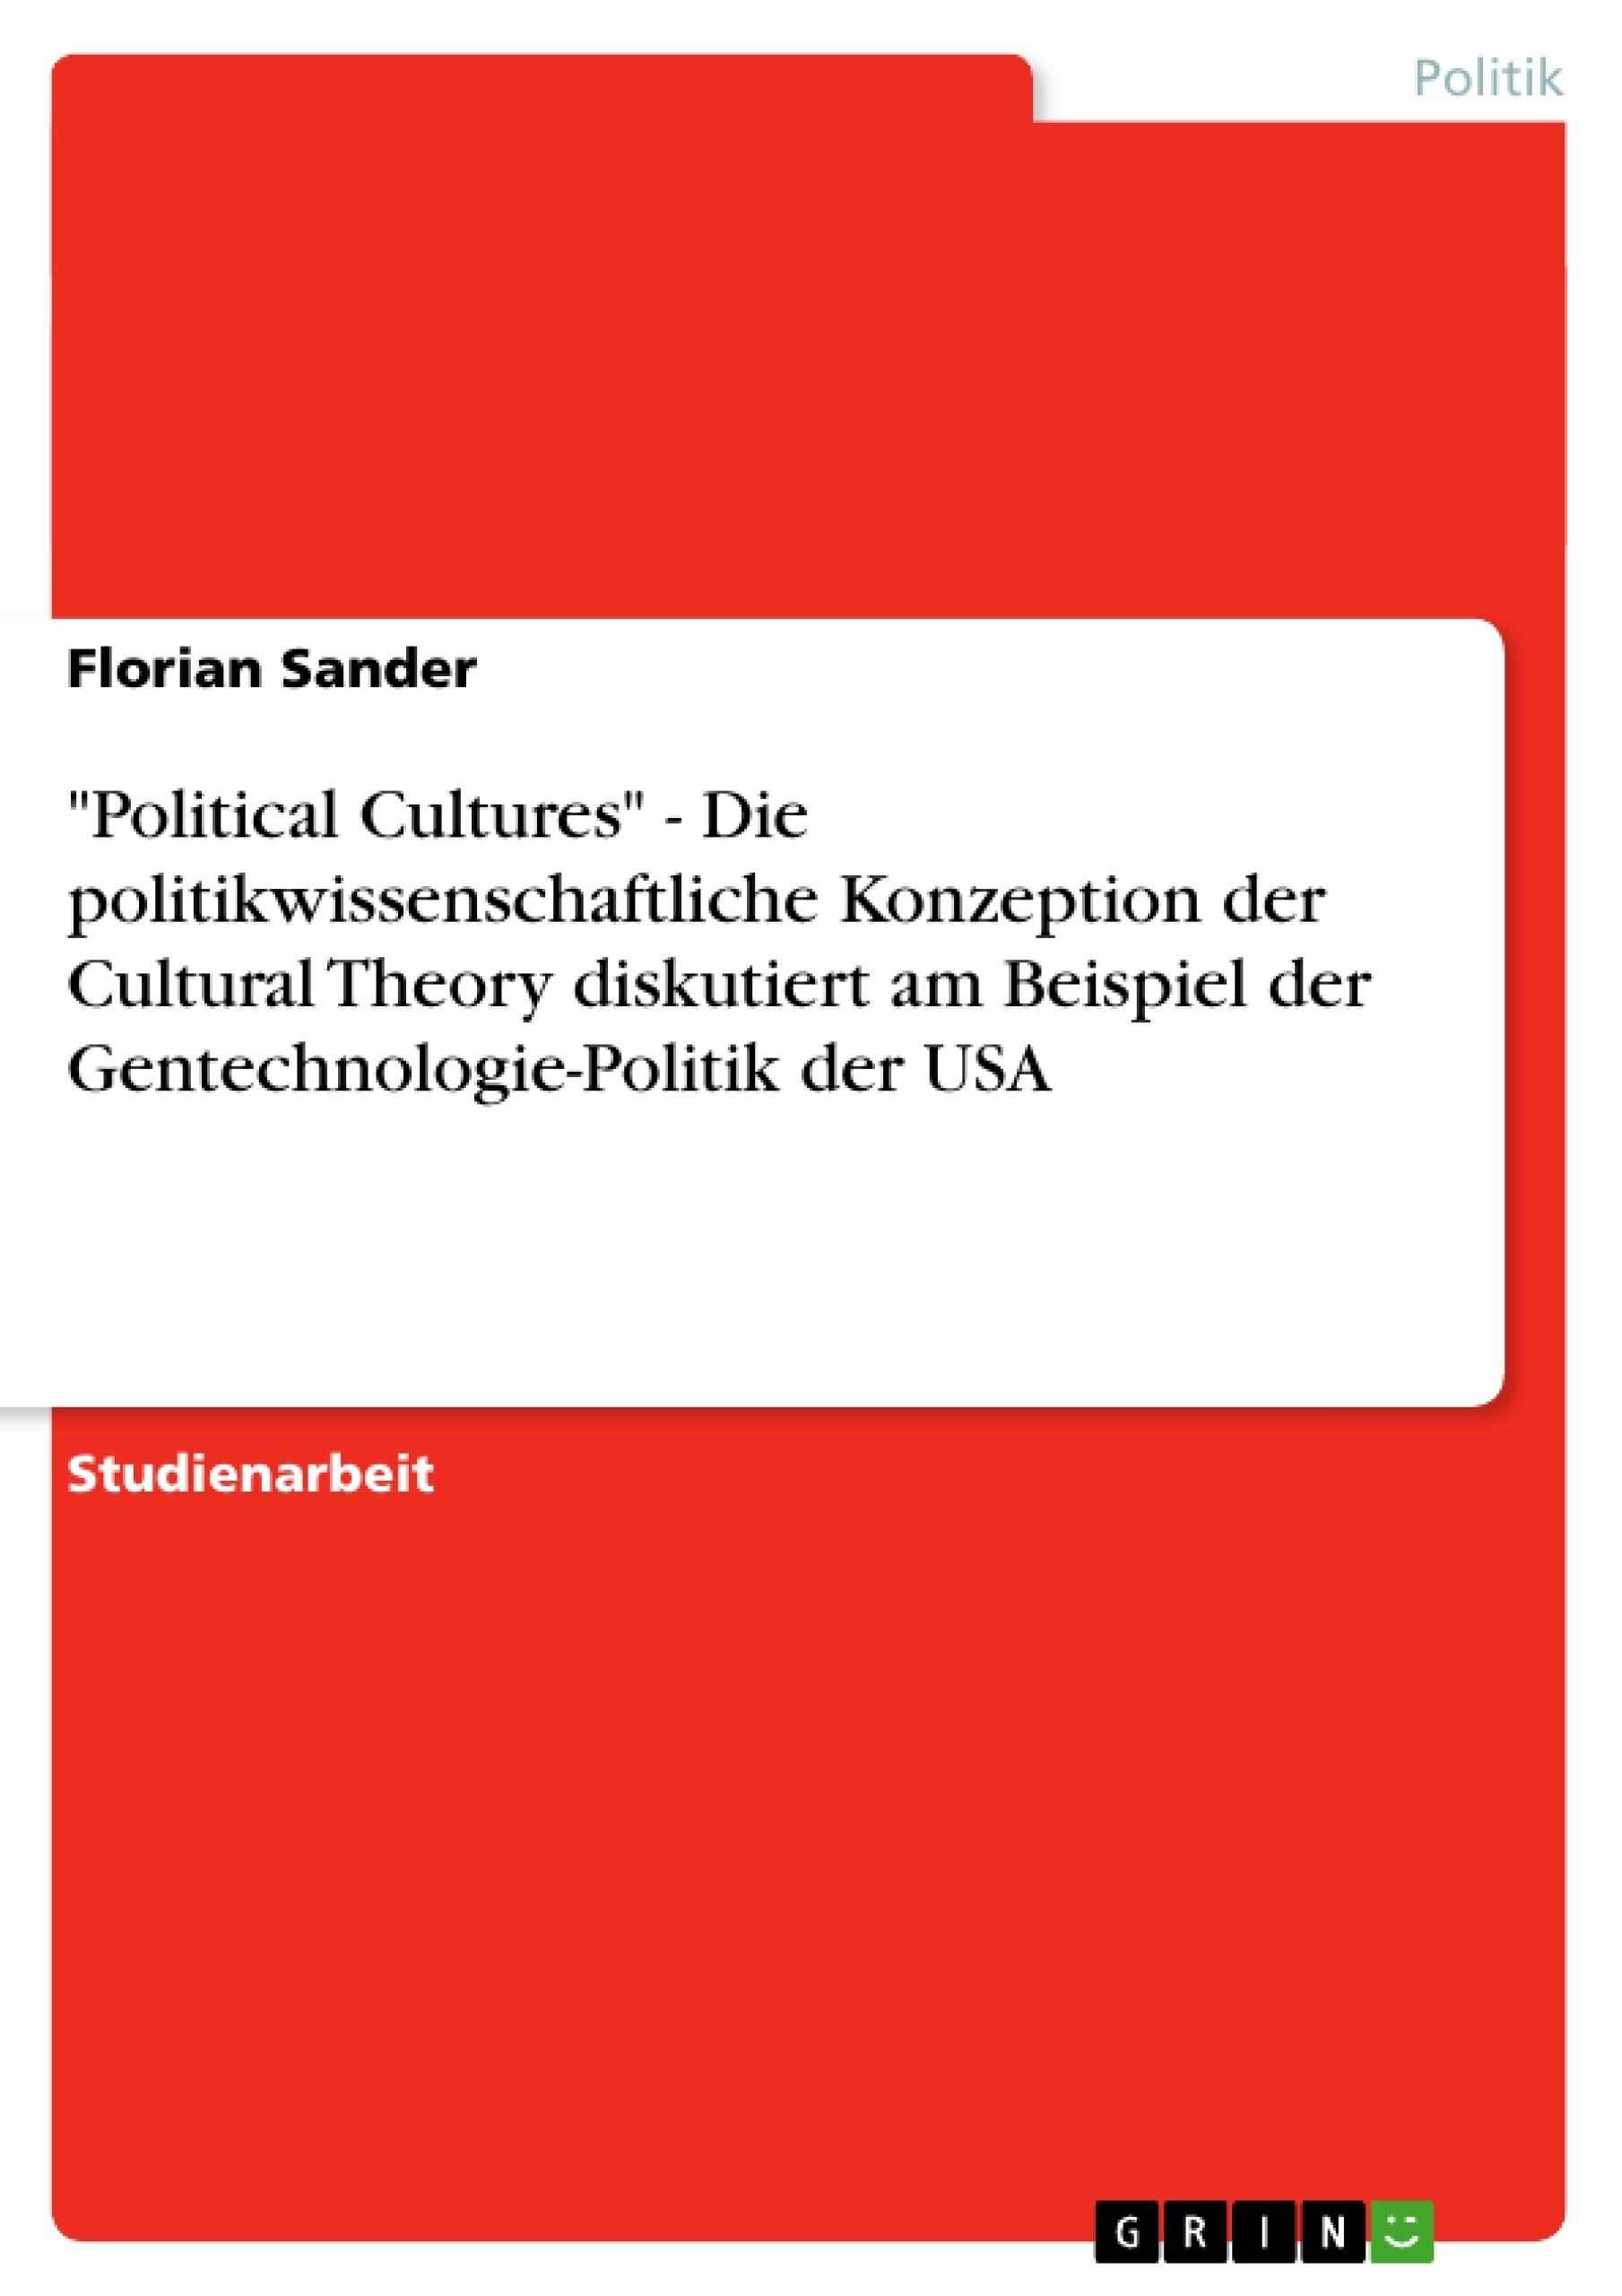 """Titel: """"Political Cultures""""  -   Die politikwissenschaftliche Konzeption der Cultural Theory diskutiert am Beispiel der Gentechnologie-Politik der USA"""